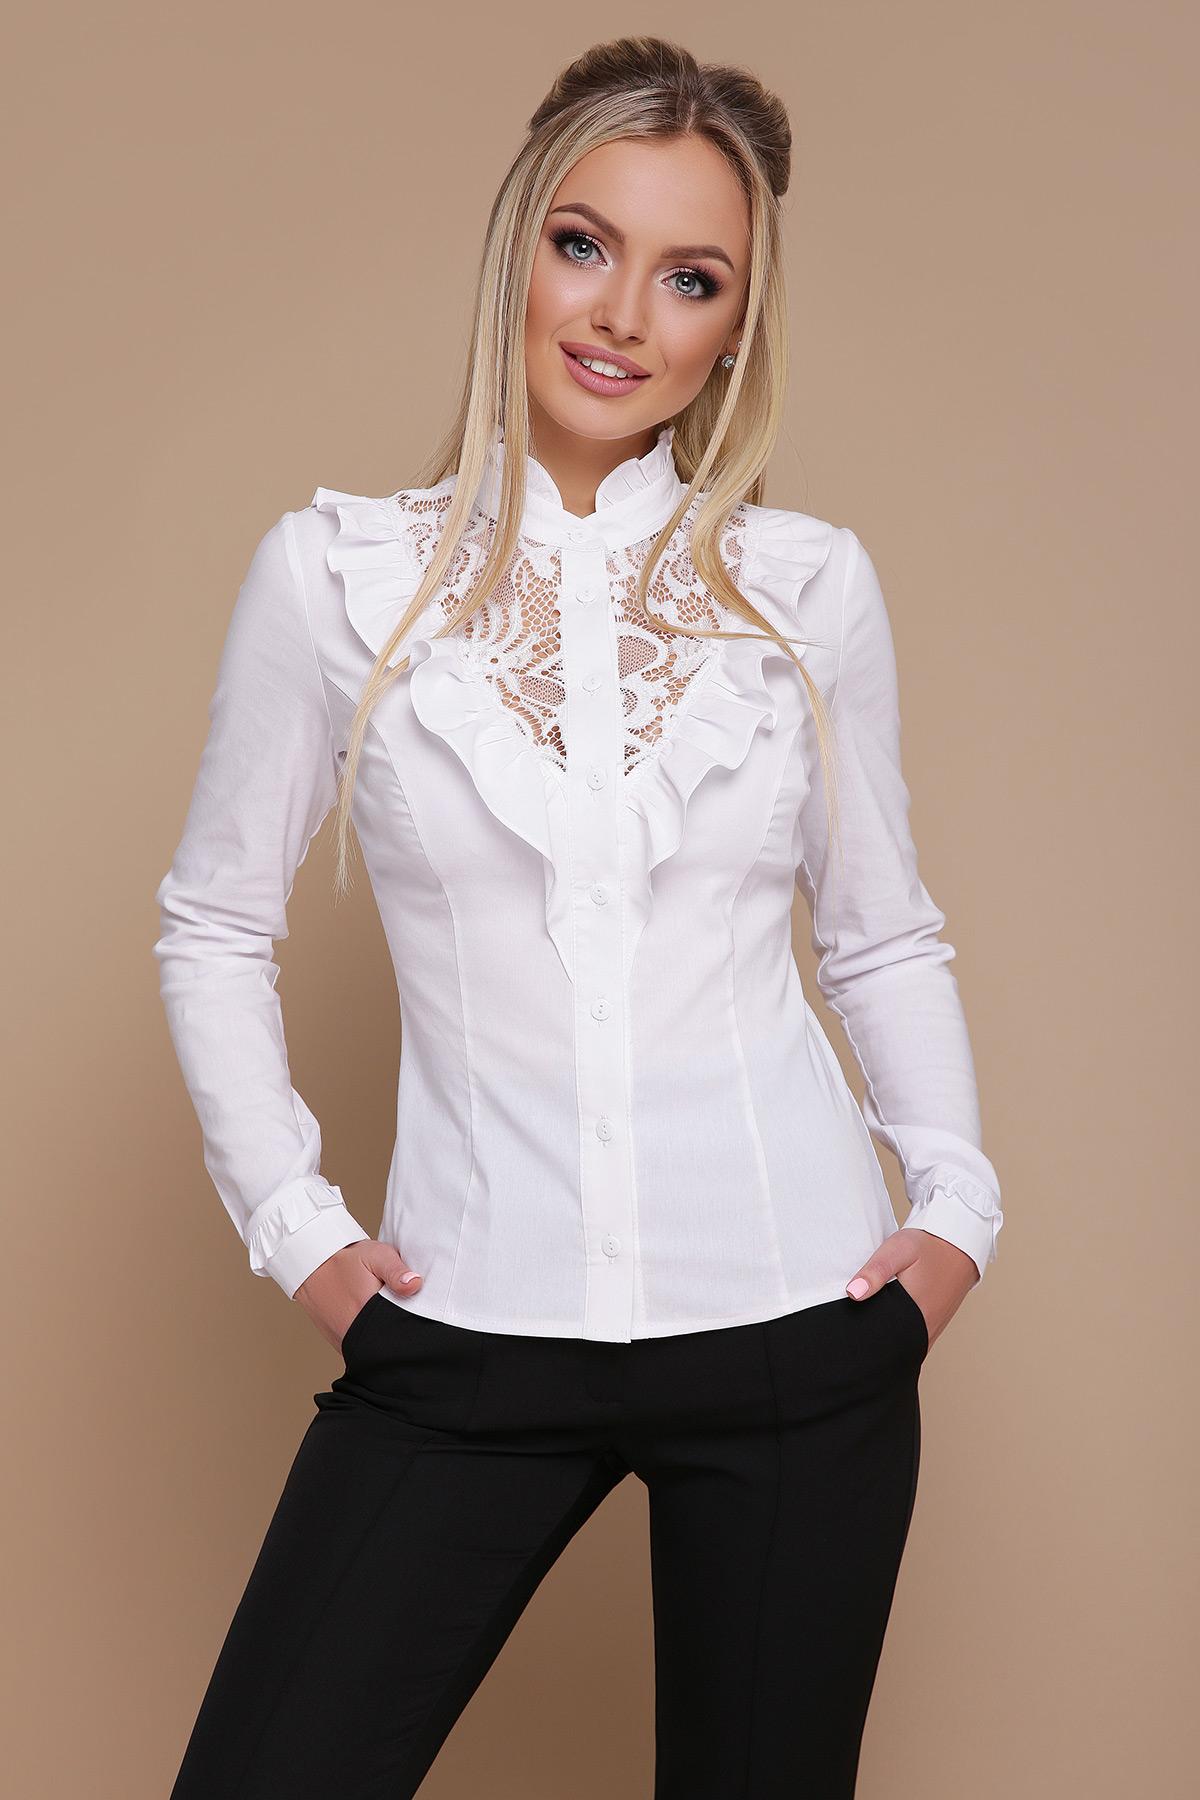 f8c9710f950 Белая блузка с рюшами Амина д р - купить в Украине